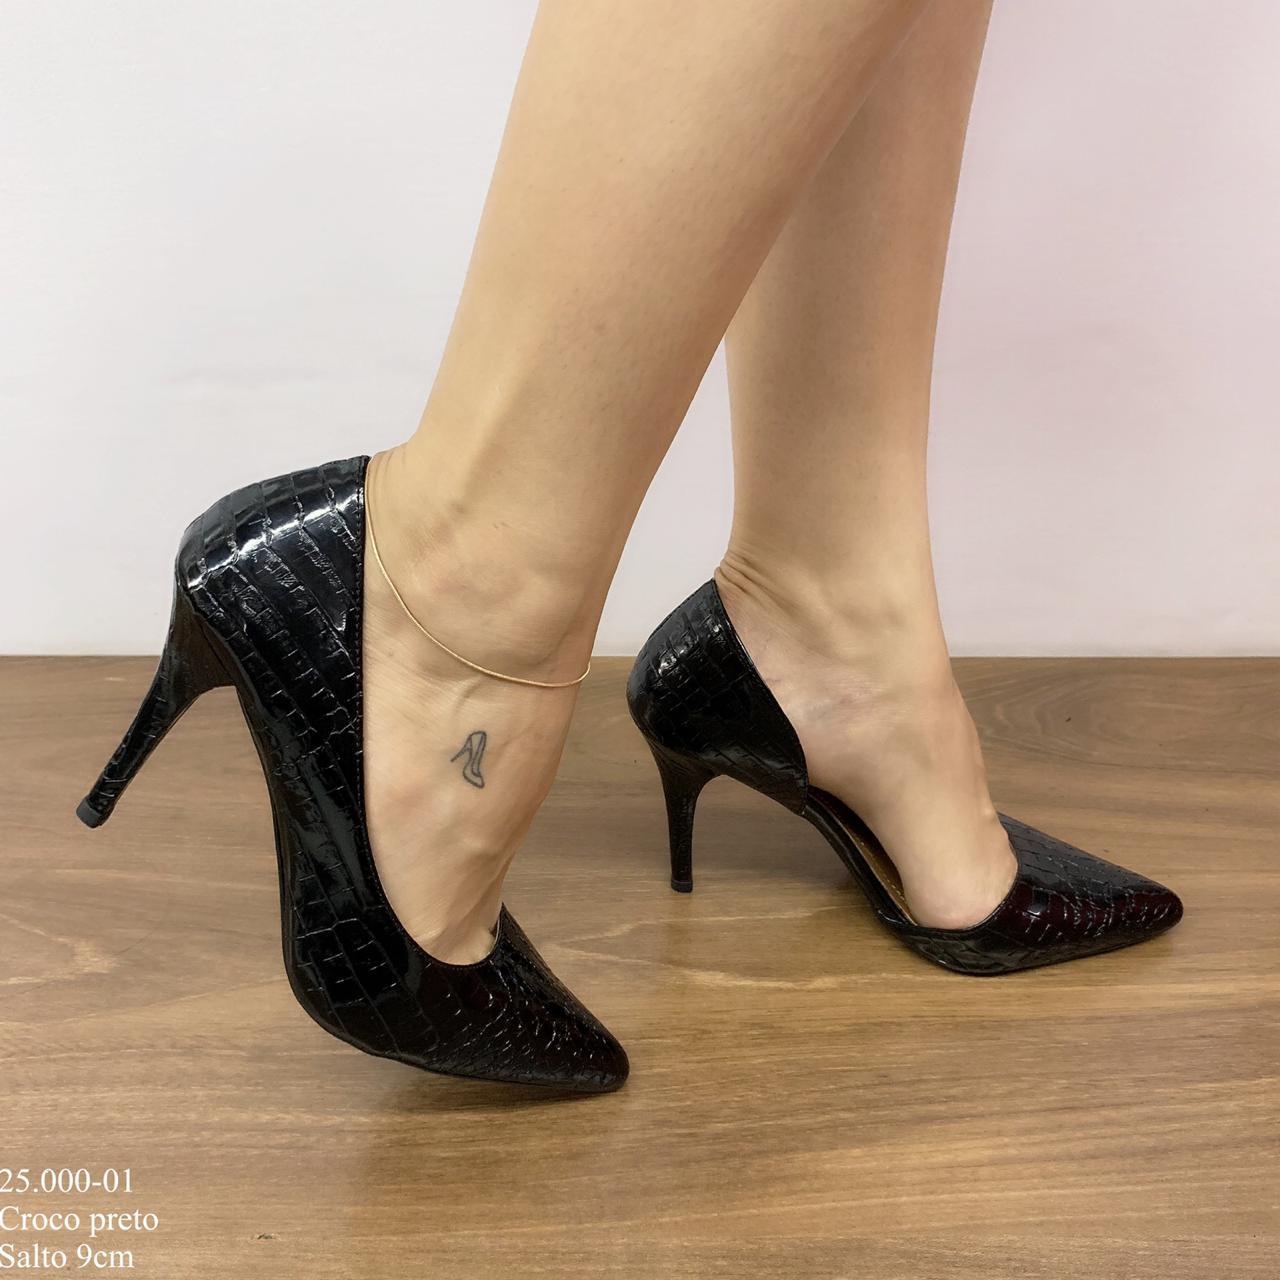 Scarpin Feminino Preto Croco | D-25.000-01